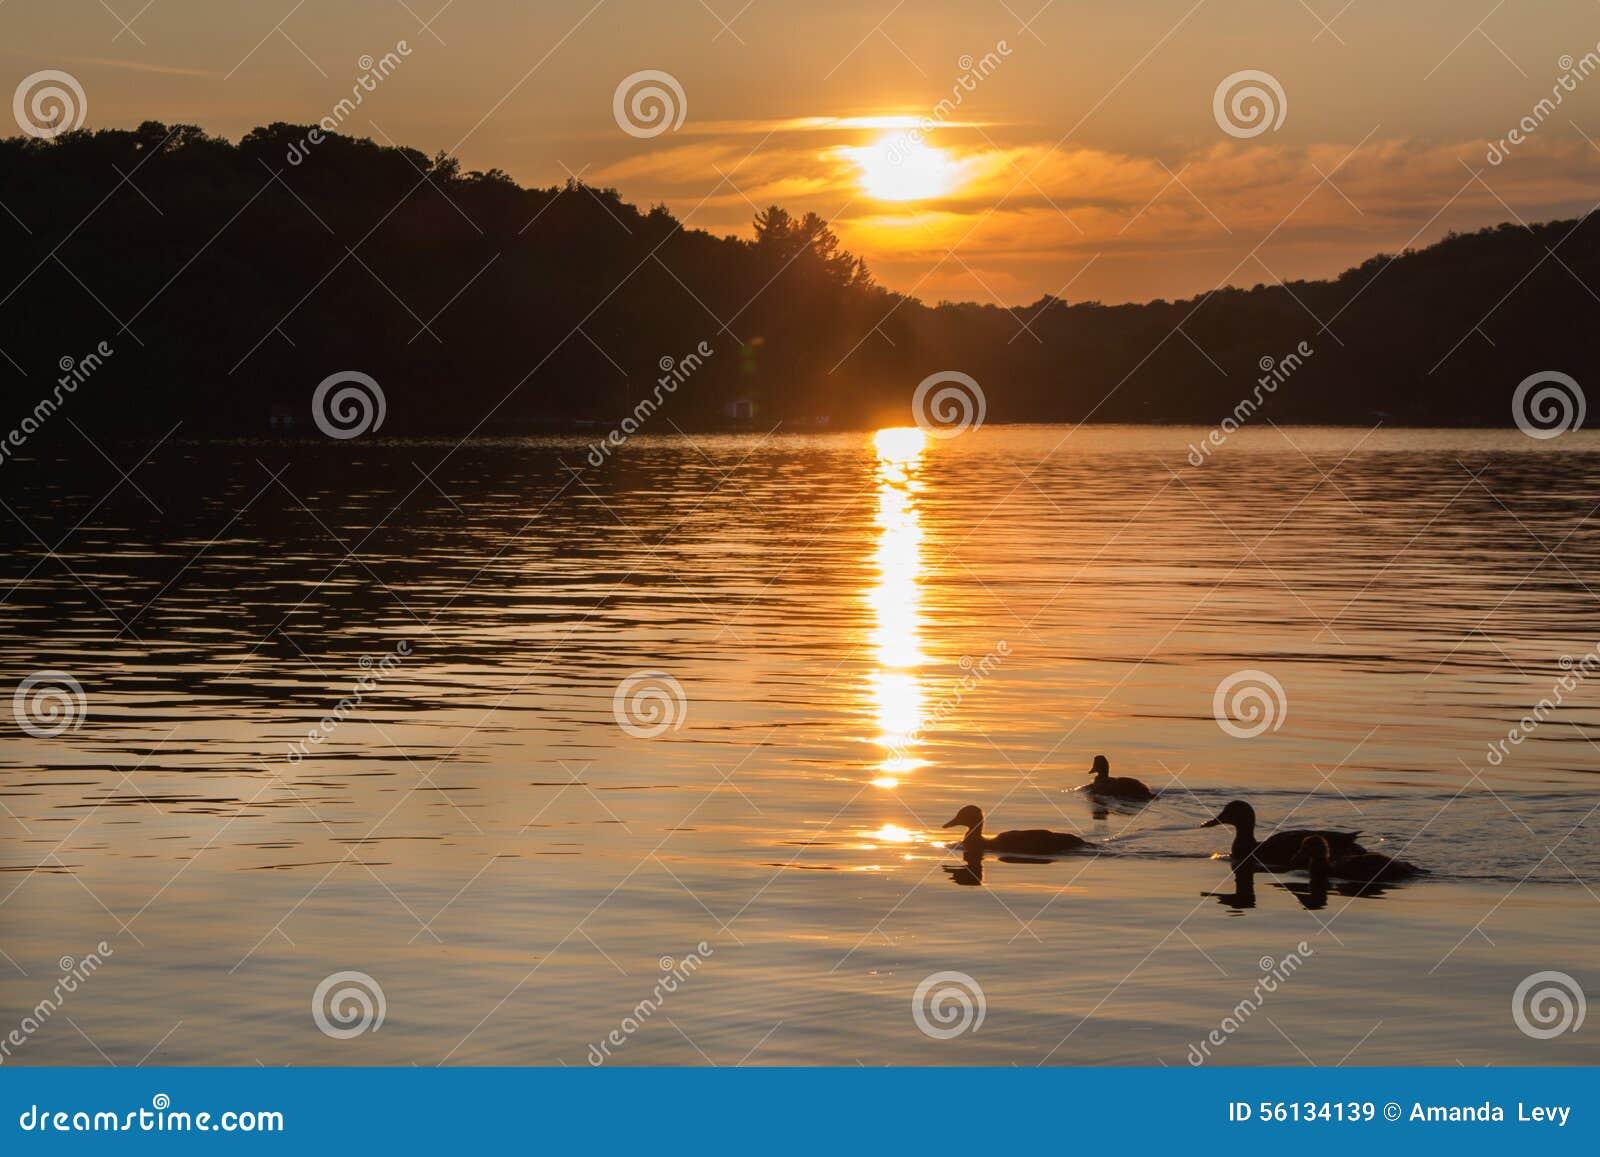 Landskap av en nordlig sjö på solnedgången med änder